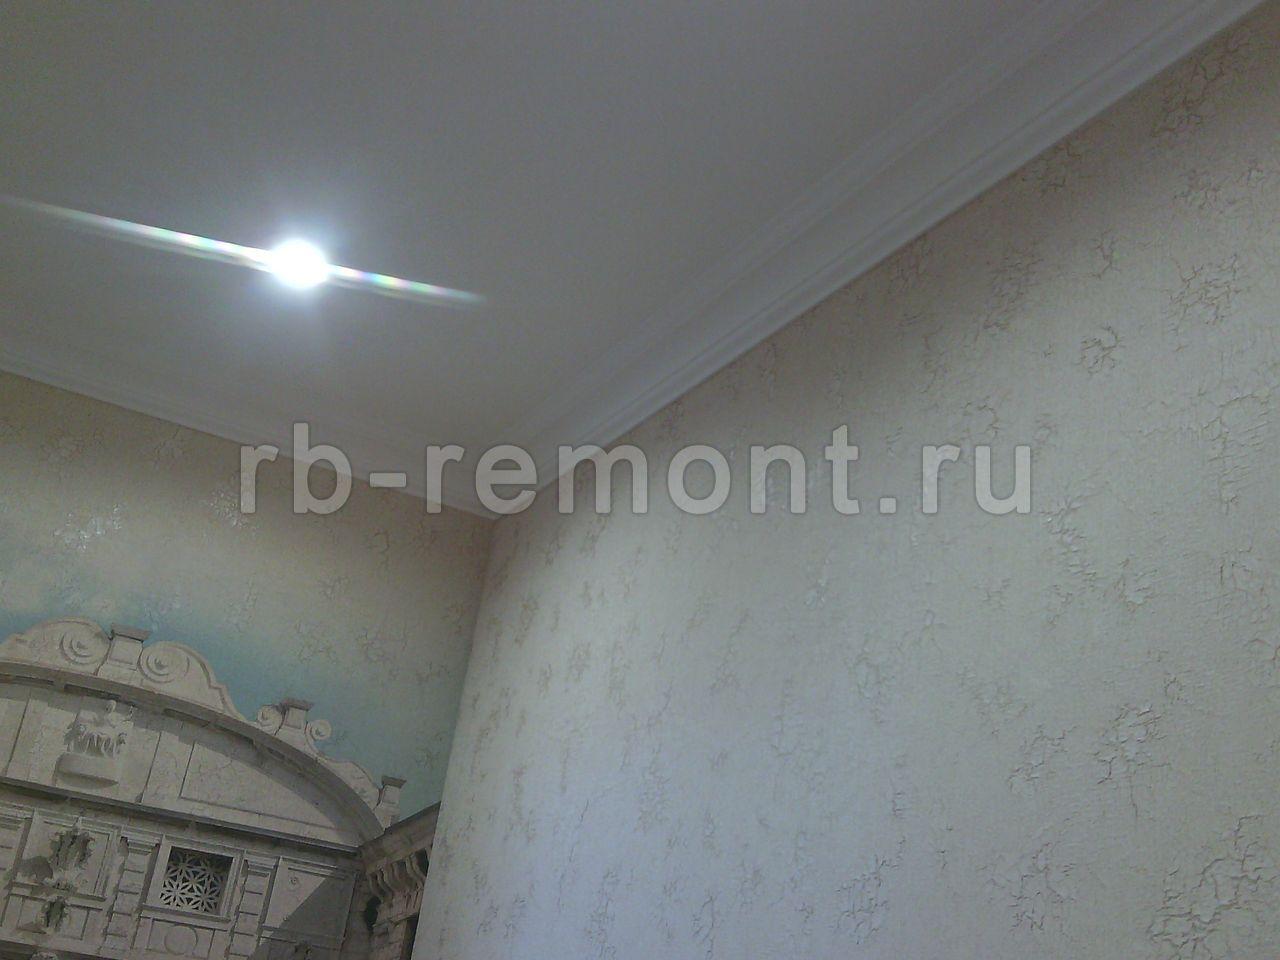 http://www.rb-remont.ru/raboty/photo_/komsomolskaya-125.1-00/img/img_20150709_121747.jpg (бол.)